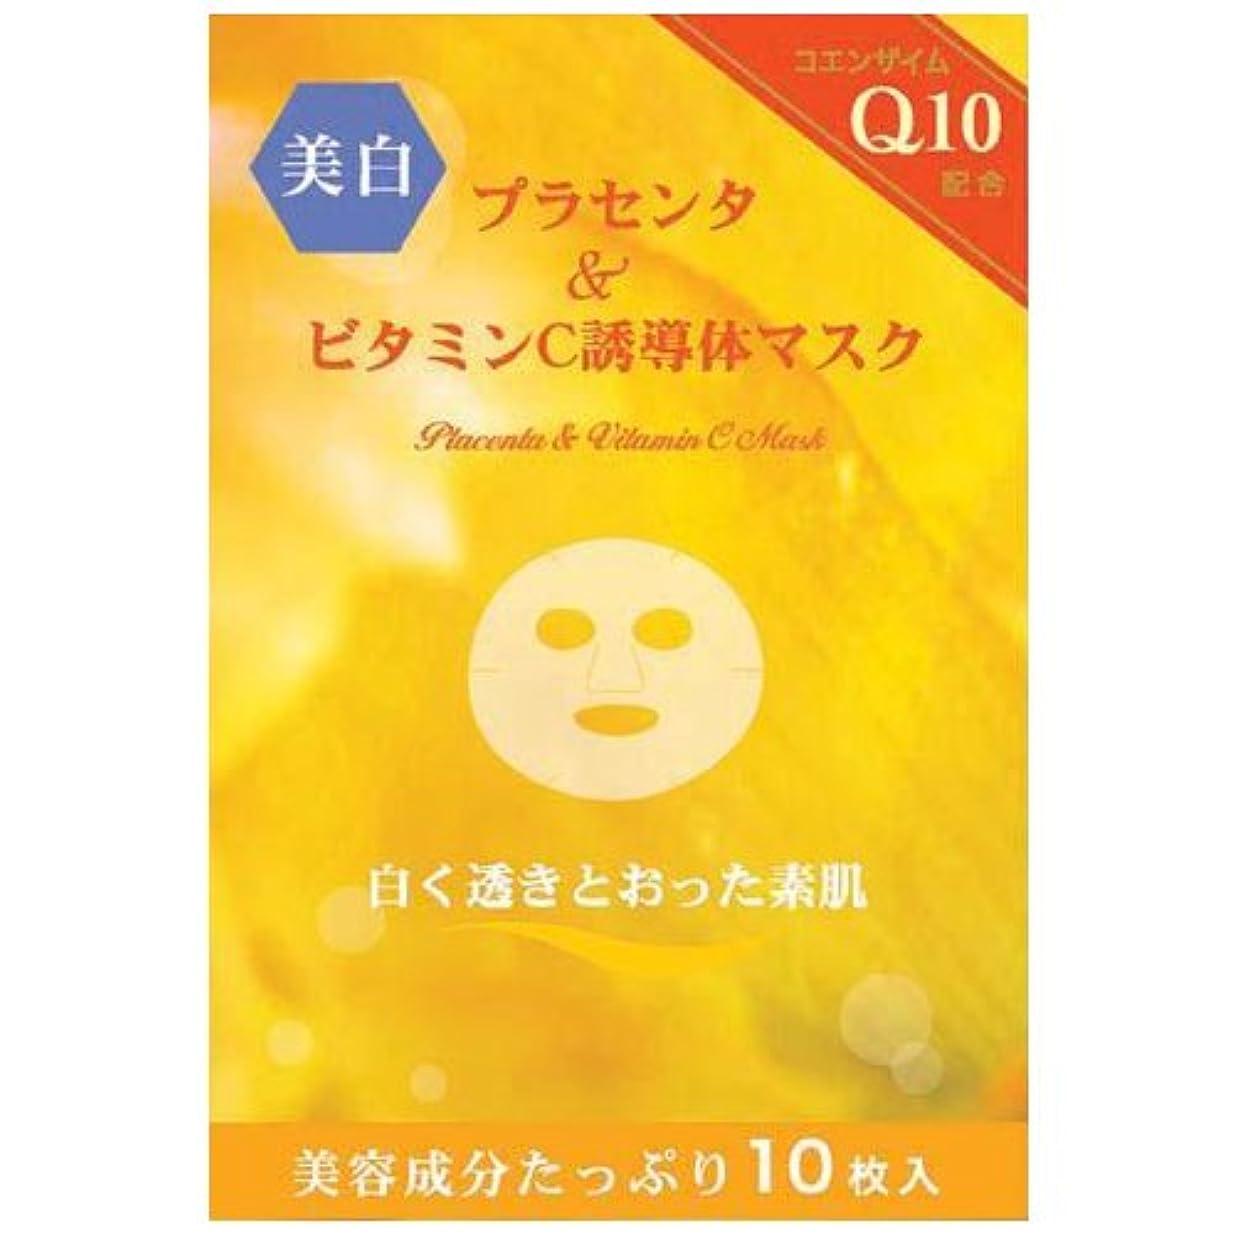 けん引感情パラシュートプラセンタ&ビタミンC誘導体マスク